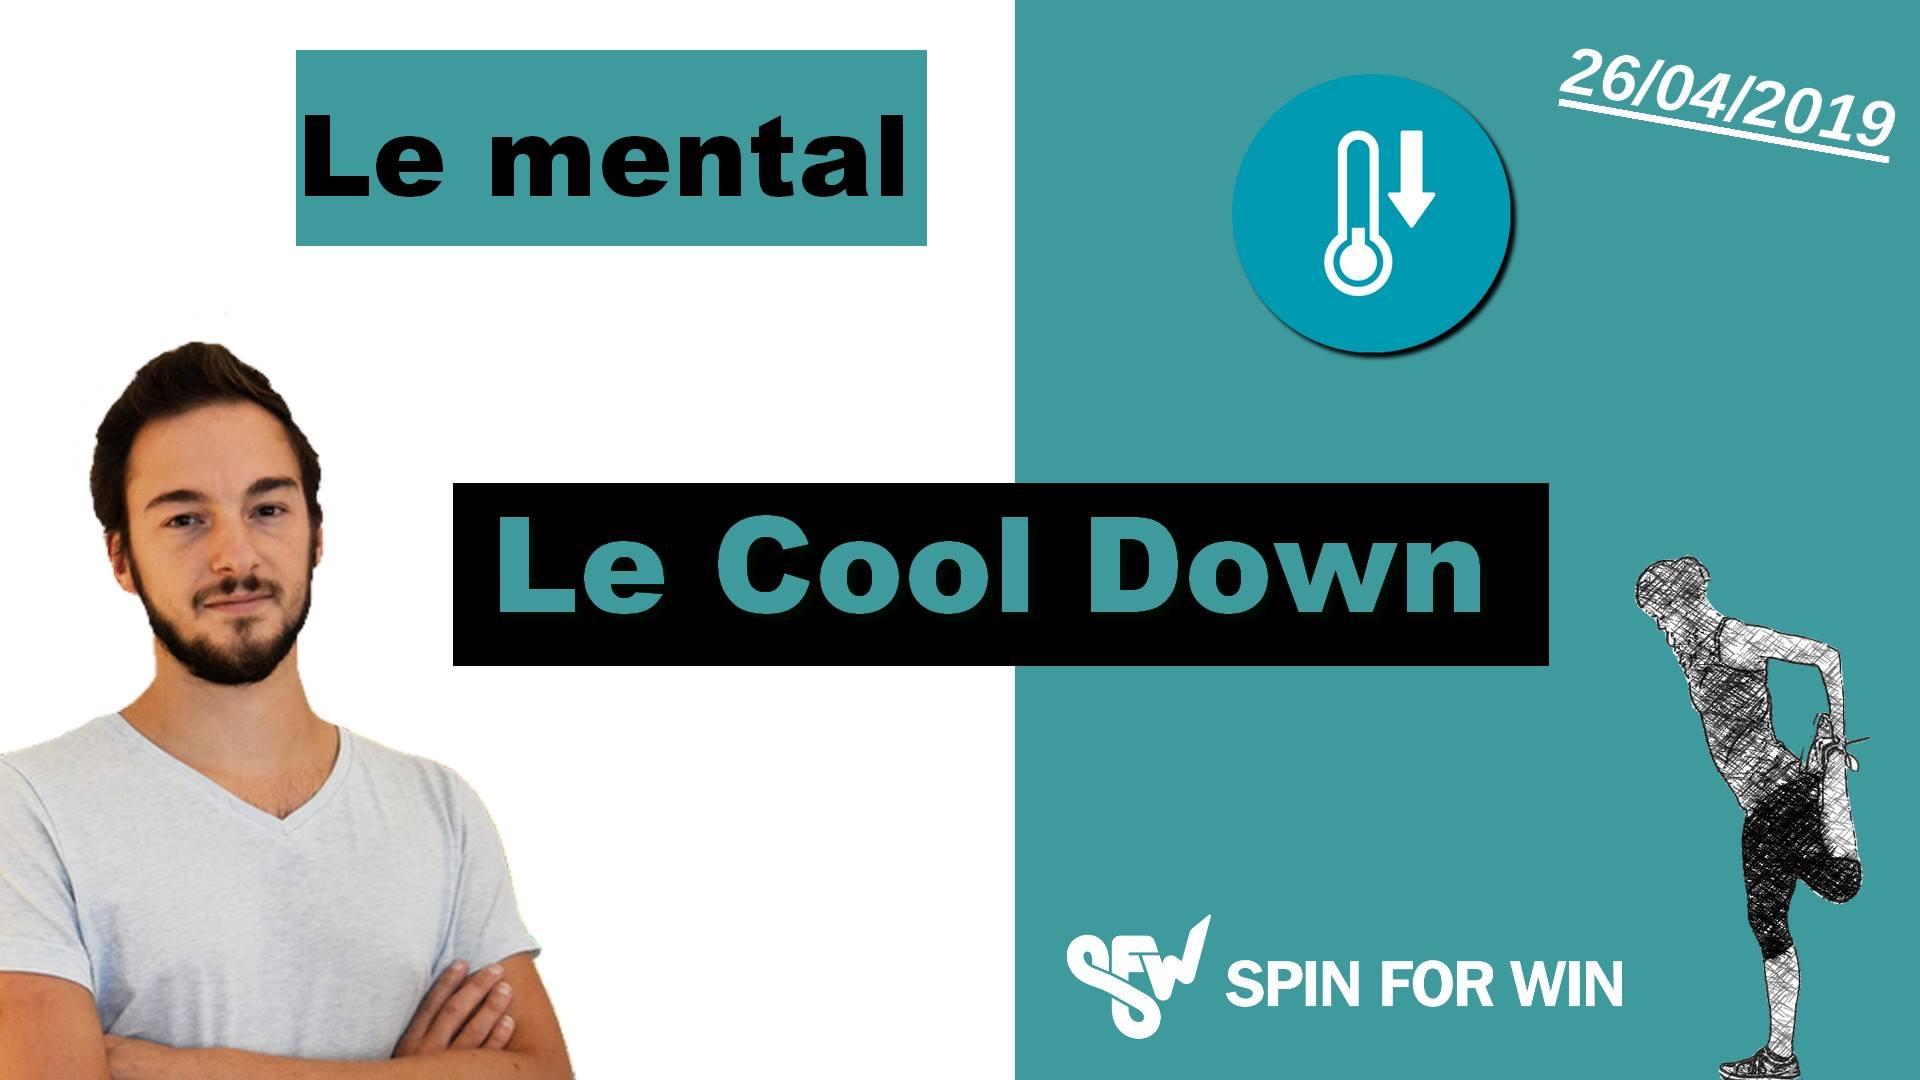 Vidéo mentale : Gérer l'après-session avec le Cool Down !